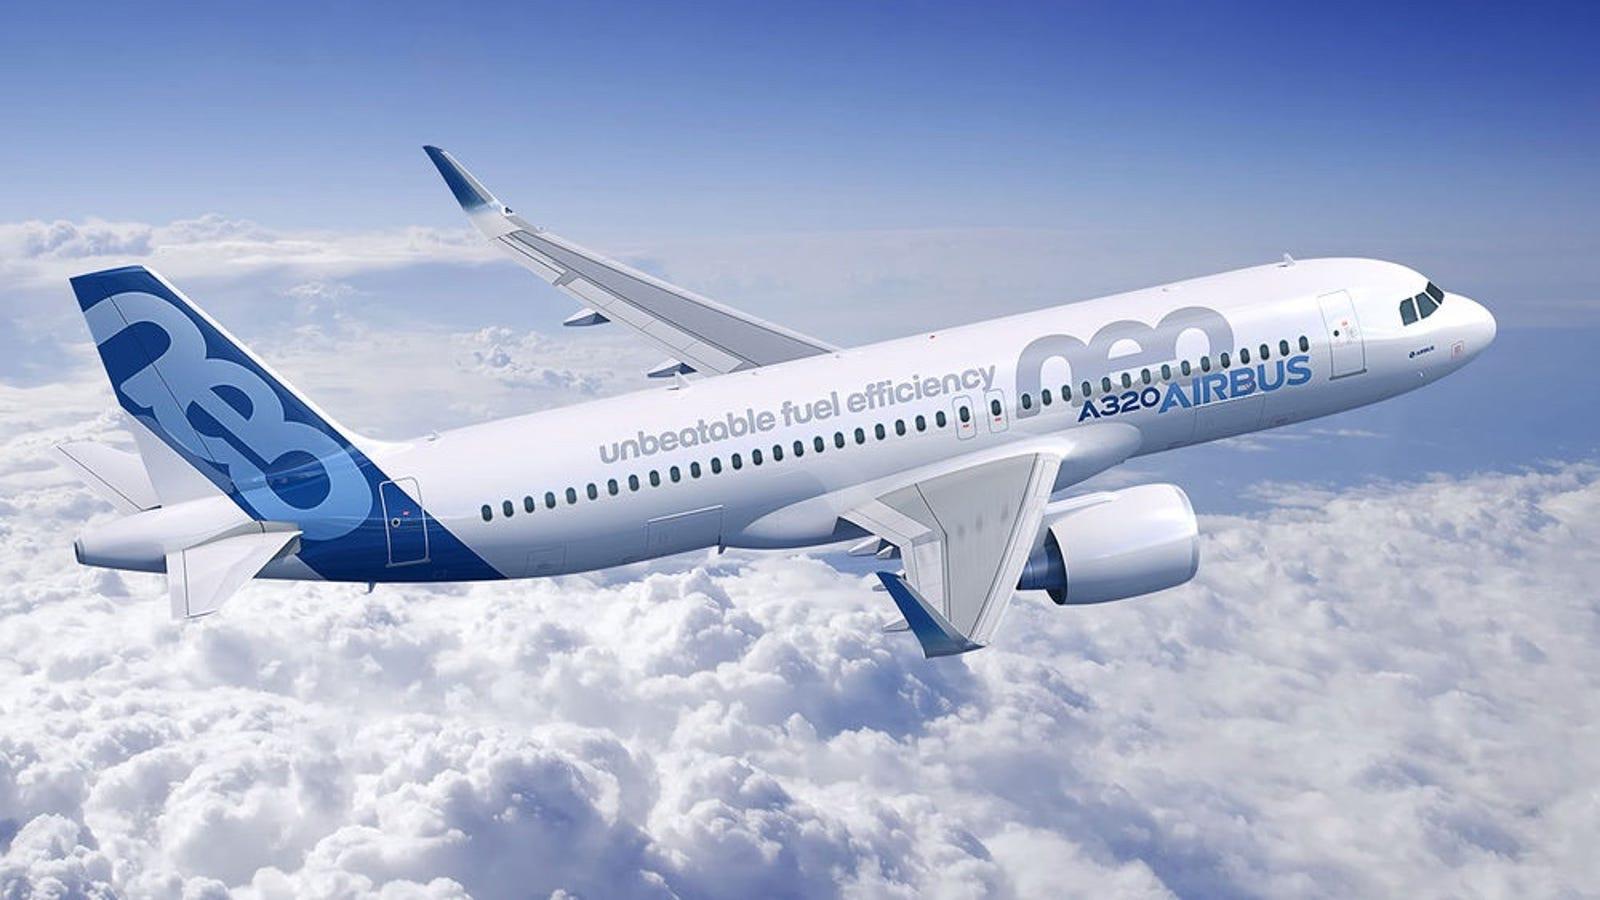 ¿Por qué un billete de avión cuesta tanto dinero? No, no es el combustible